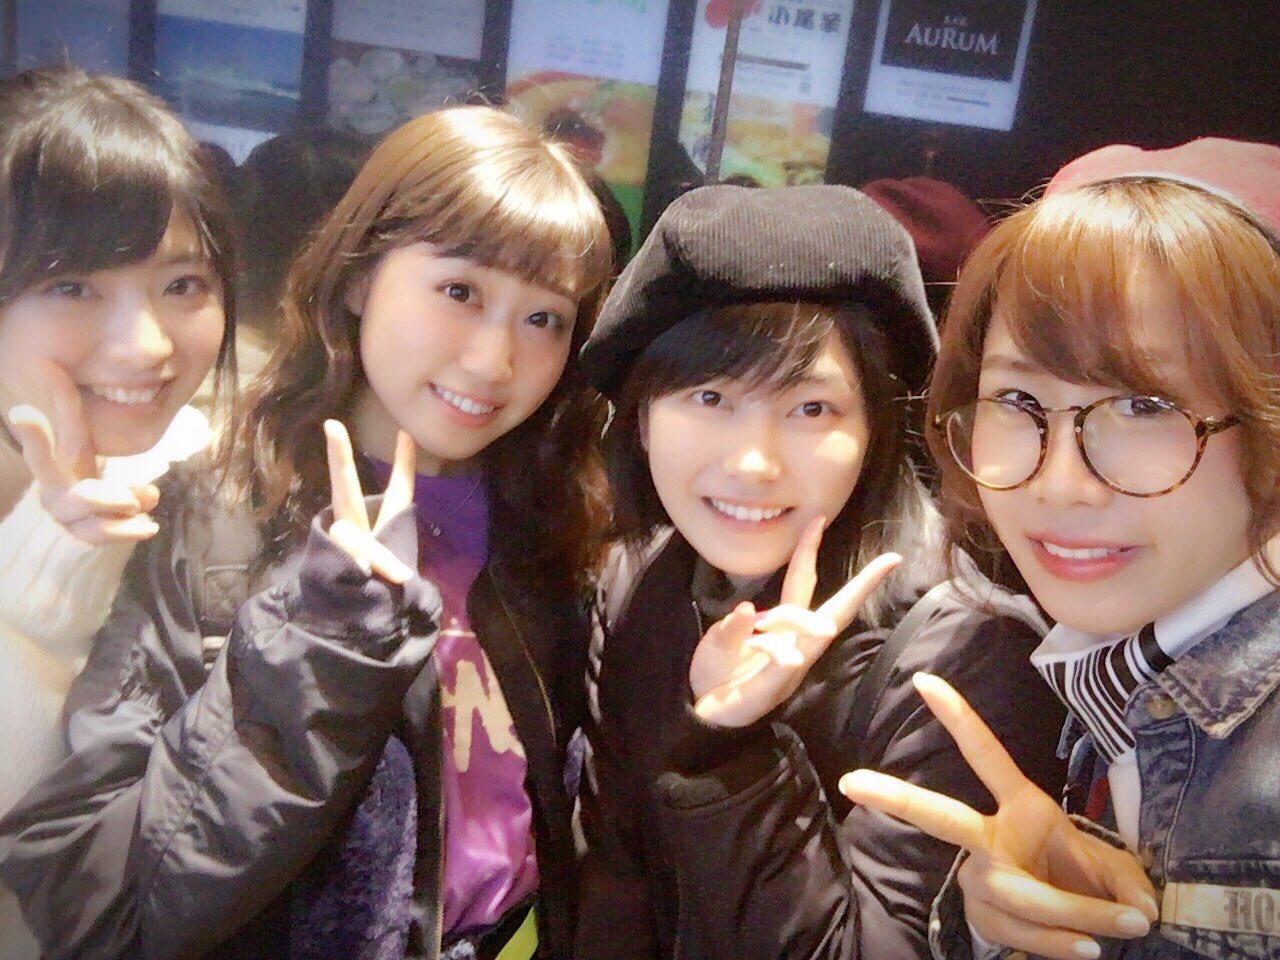 【AKB48】馬嘉伶,日下このみ,横山由依,大家志津香が一緒に食事wwwwwwwwww